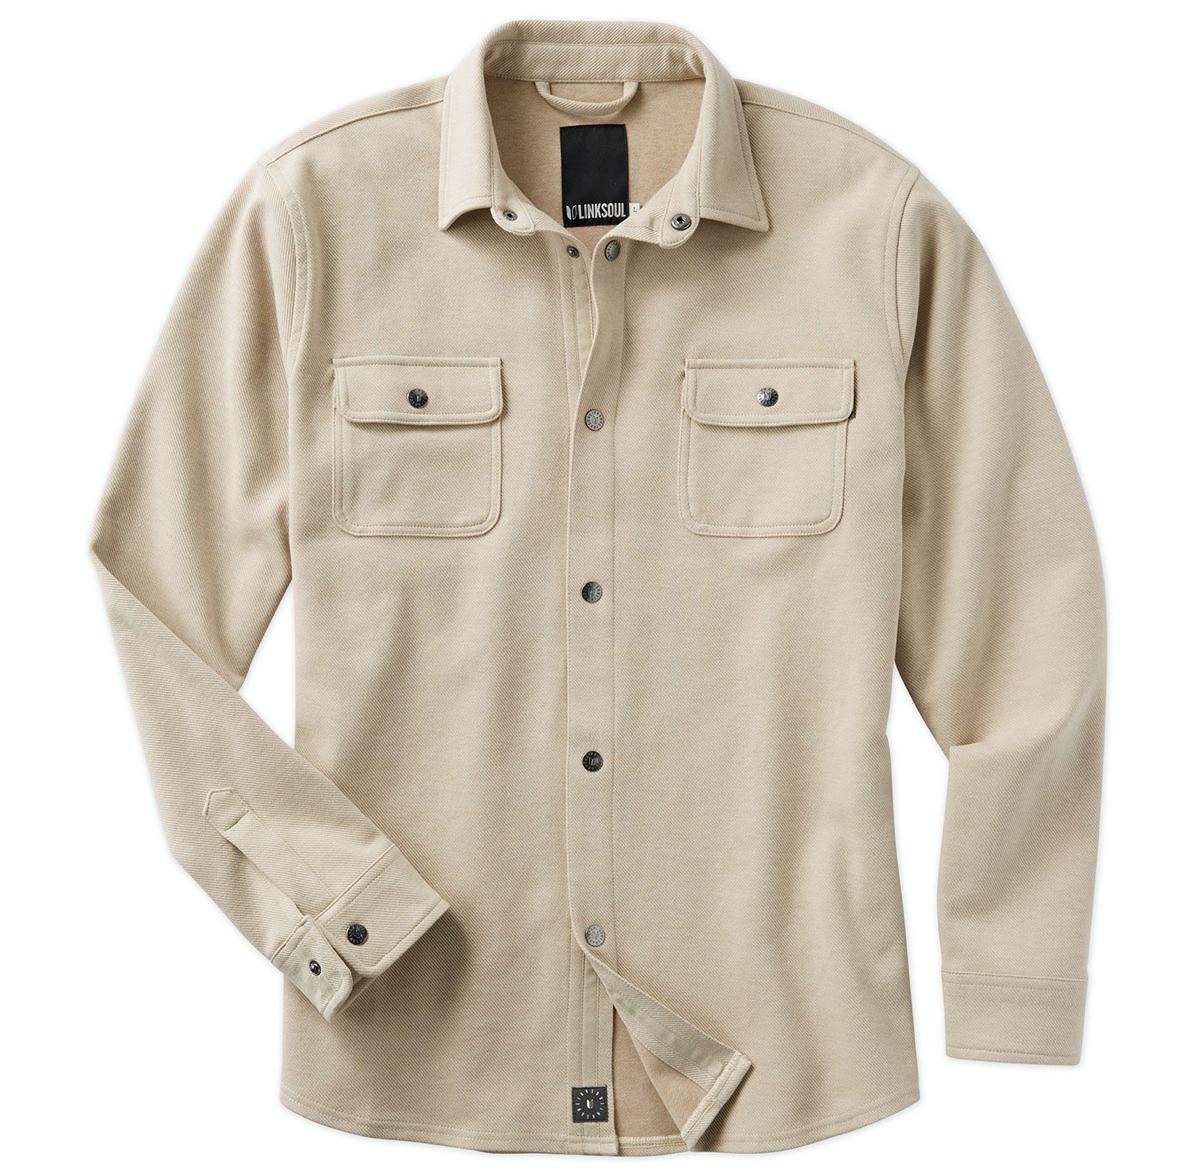 best golf shirts for men - linksoul long sleeve shirt